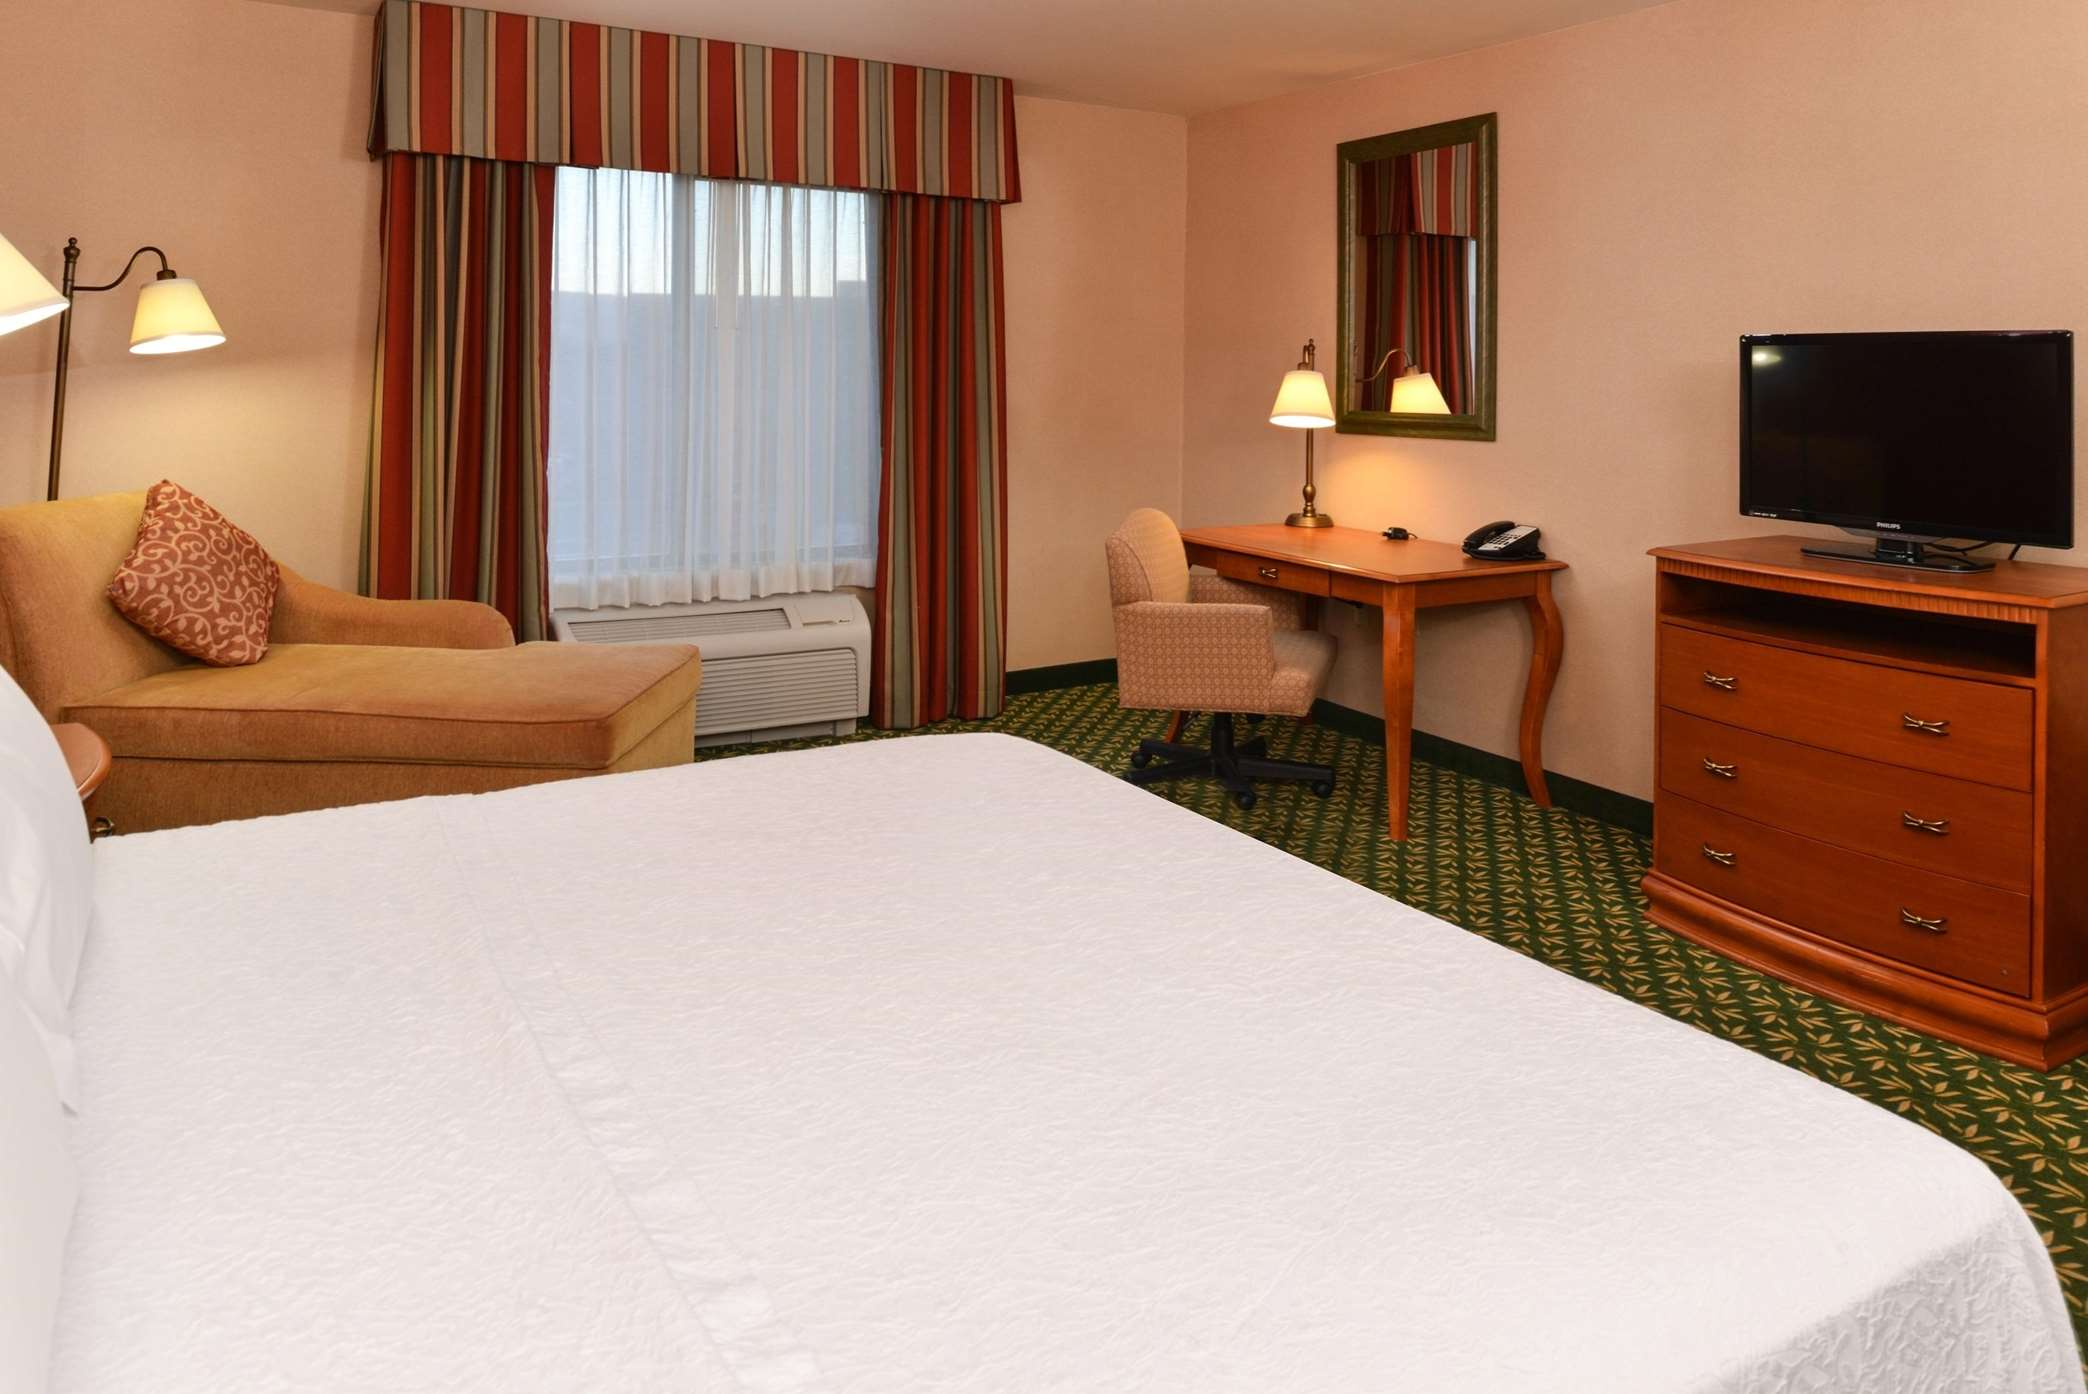 Hampton Inn & Suites Casper image 30